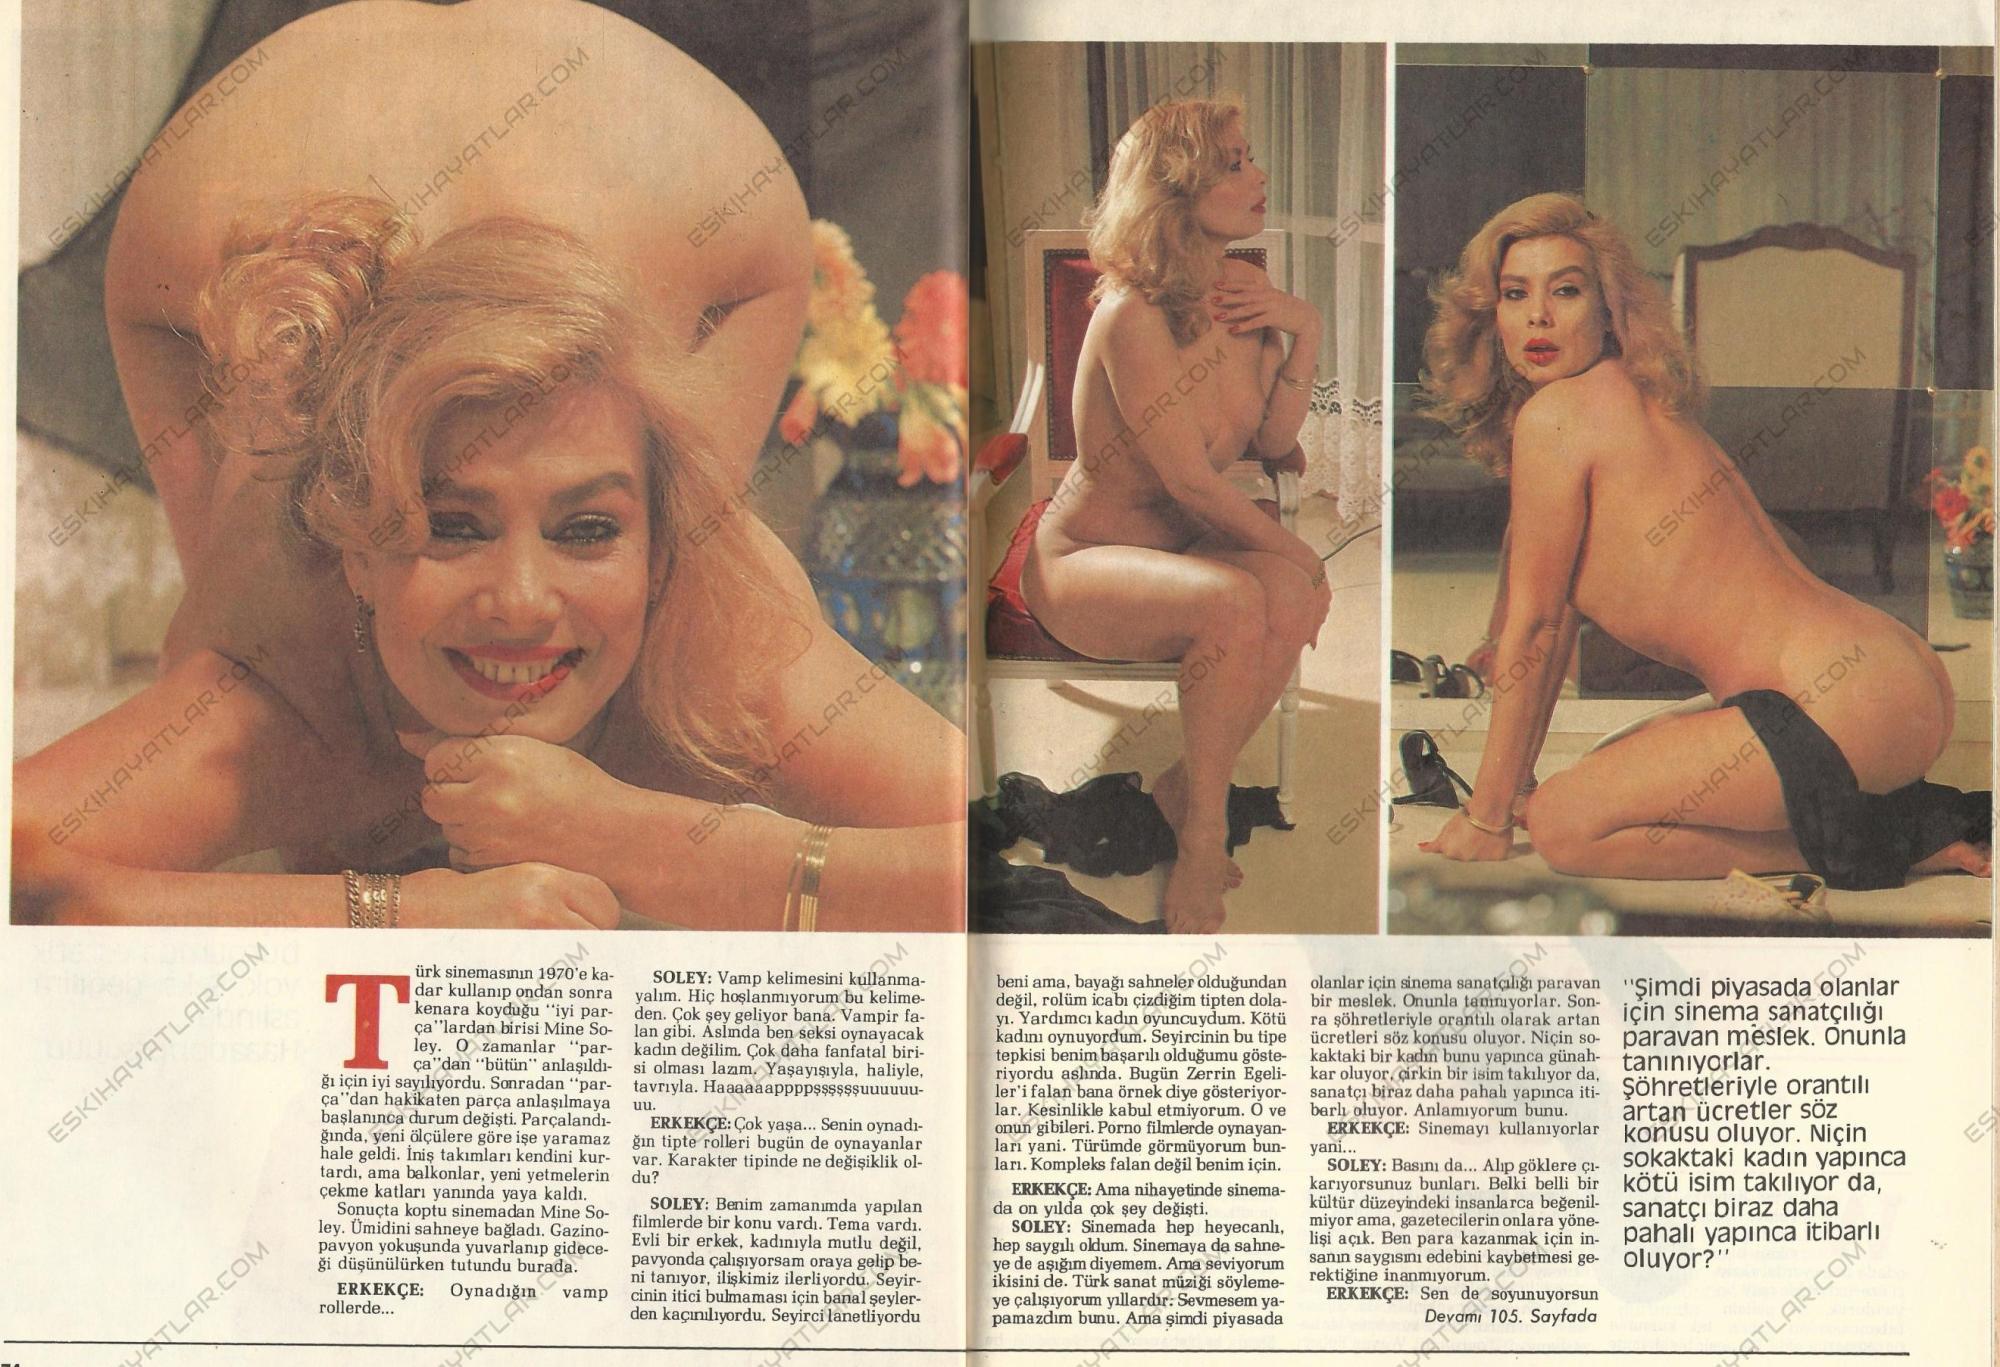 mine-soley-erotik-fotograflar-erkekce-1984-dergi-arsivleri (4)